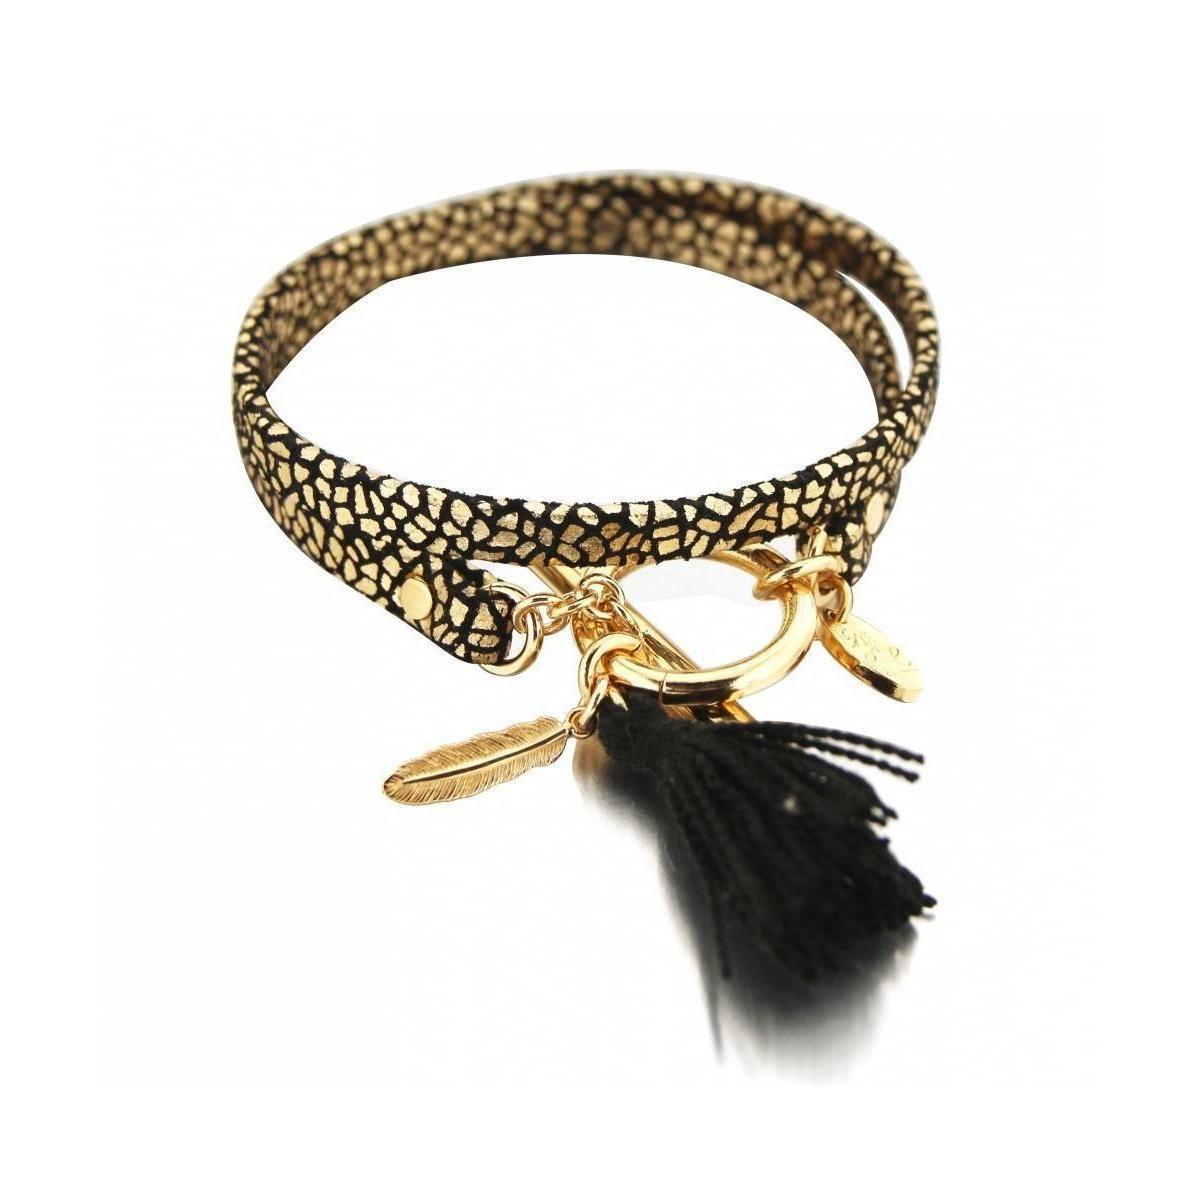 bracelet dor et noir en cuir craquel par zo bijoux. Black Bedroom Furniture Sets. Home Design Ideas